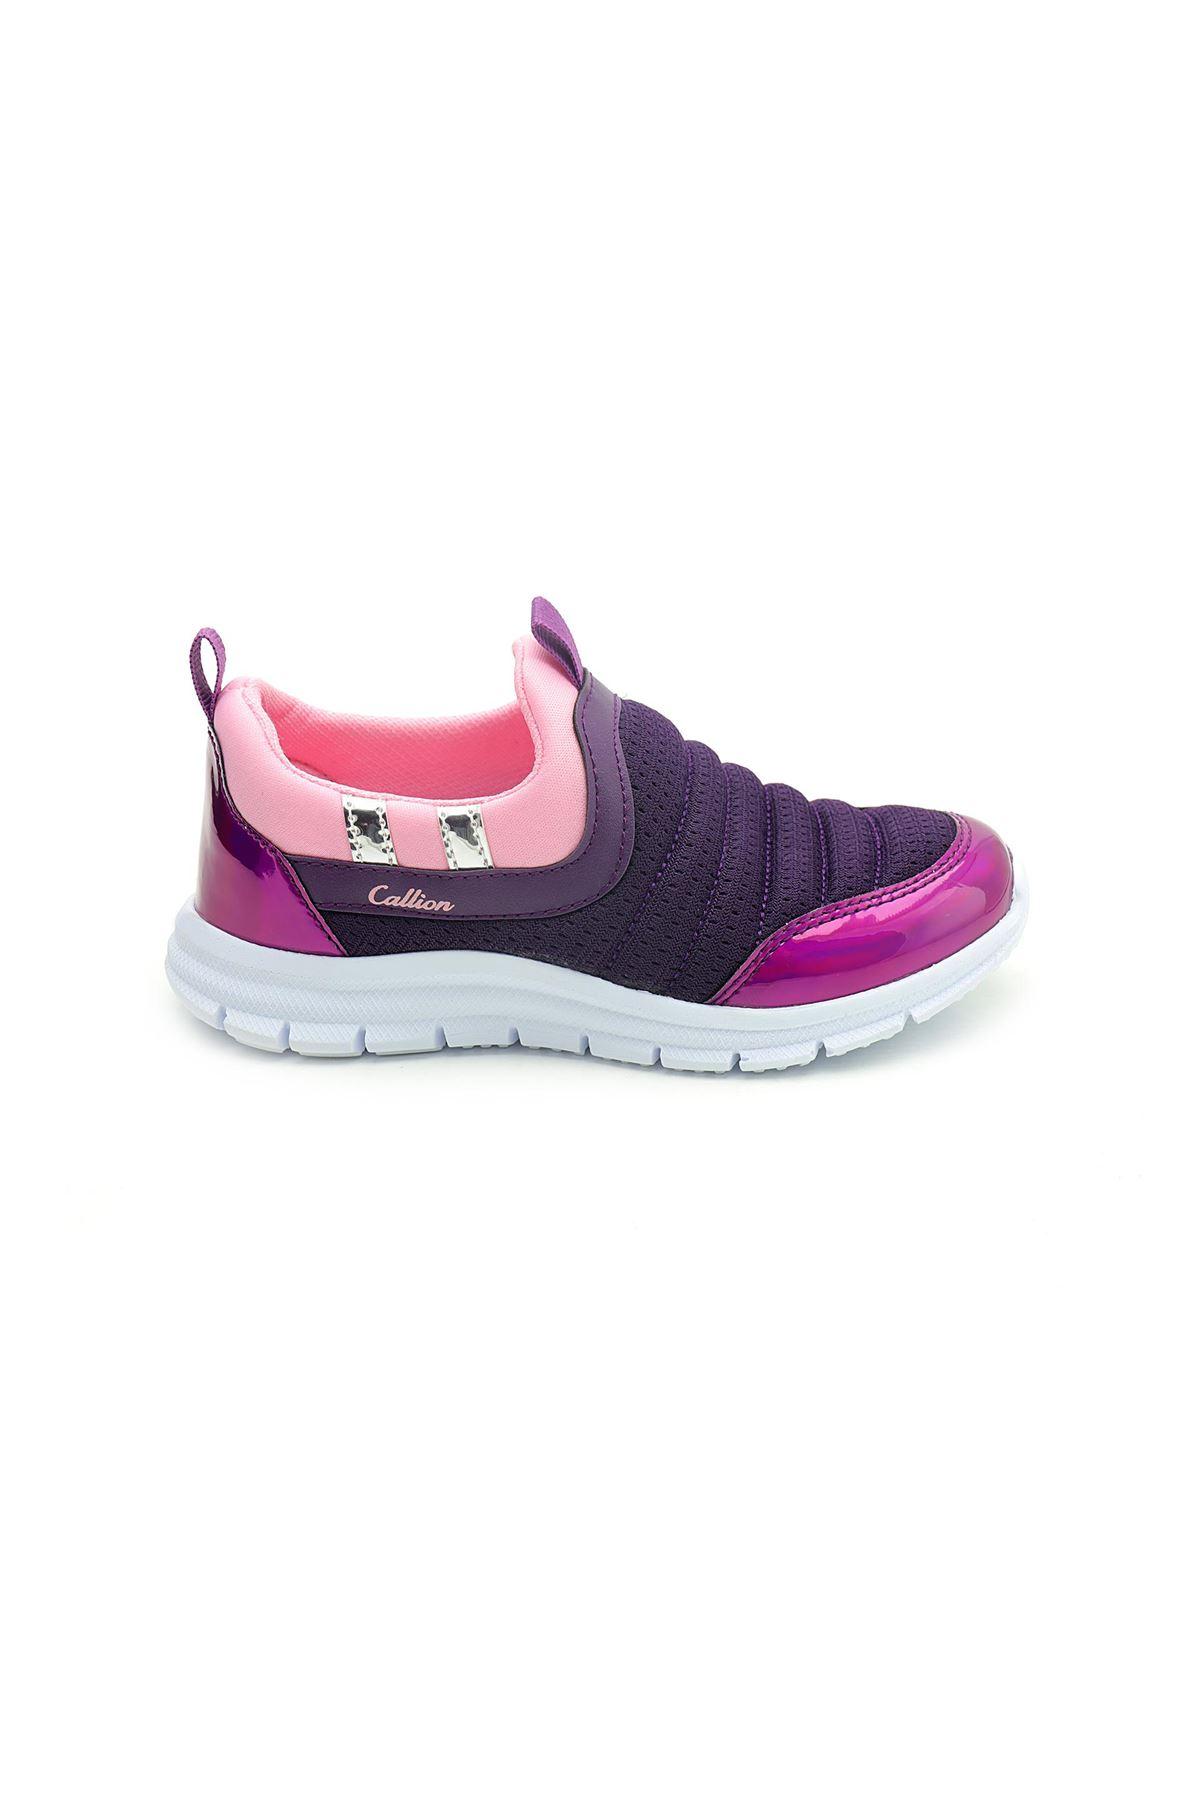 Kids World Bağcıksız Anatomik Kız Çocuk Spor Ayakkabı